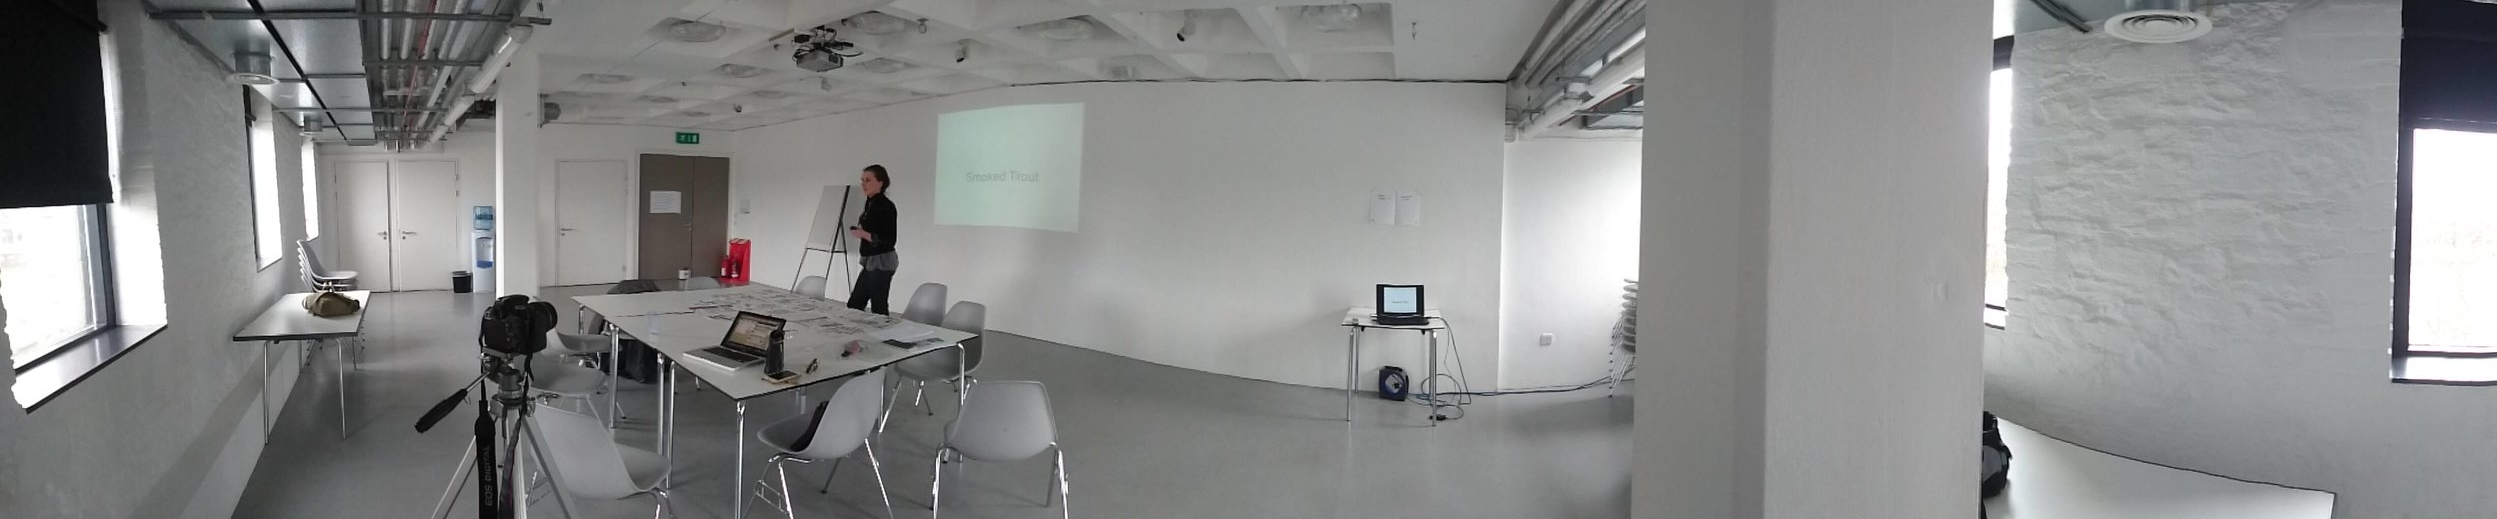 The Colourscape Lab 2016, Arnolfini, Bristol.